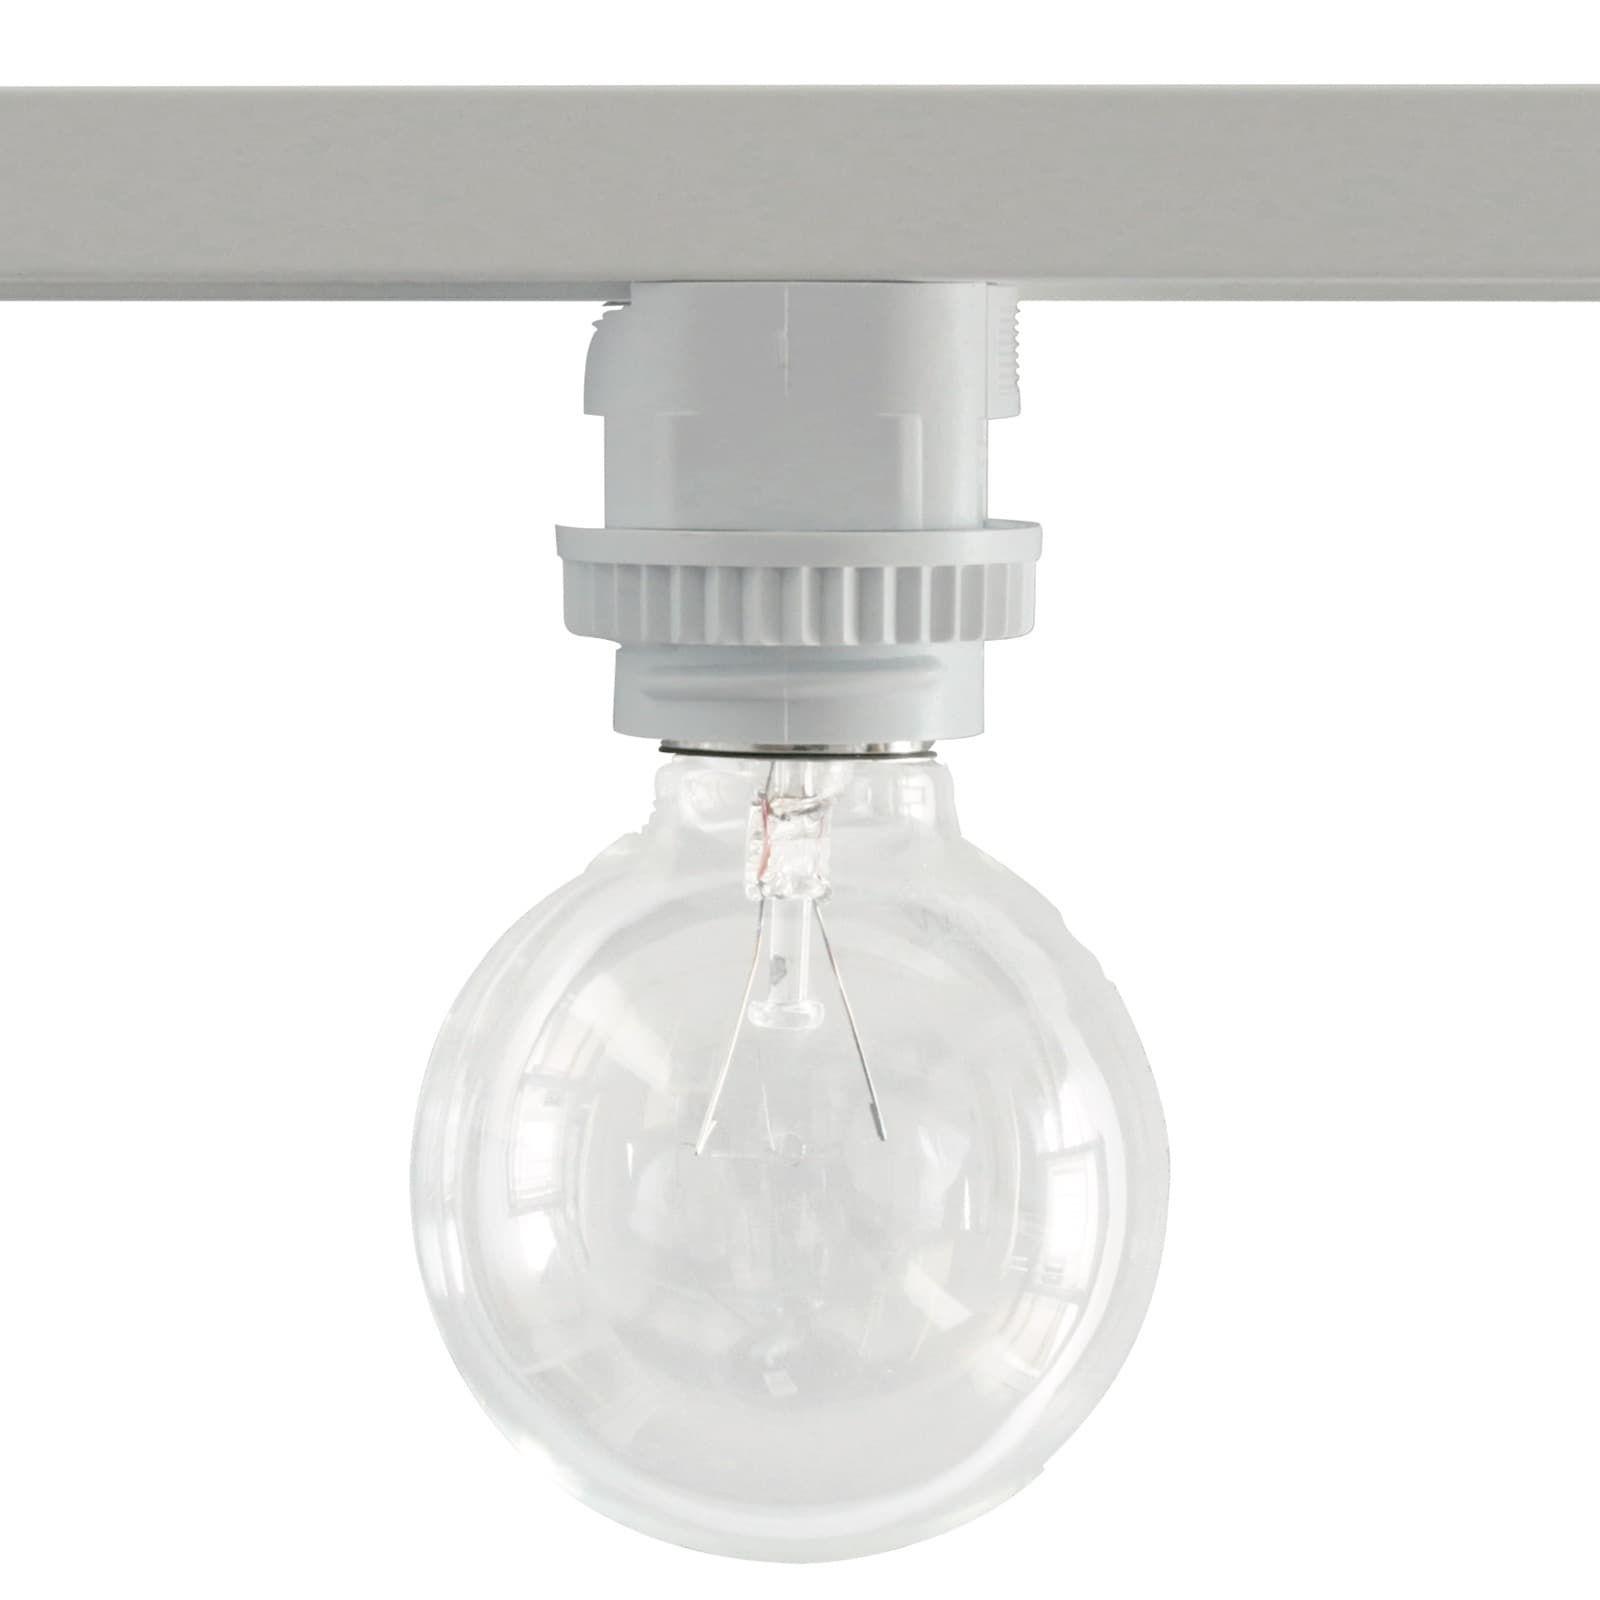 サイズ レール下 H41 F43mm素材 樹脂適合電球 白熱灯 60w